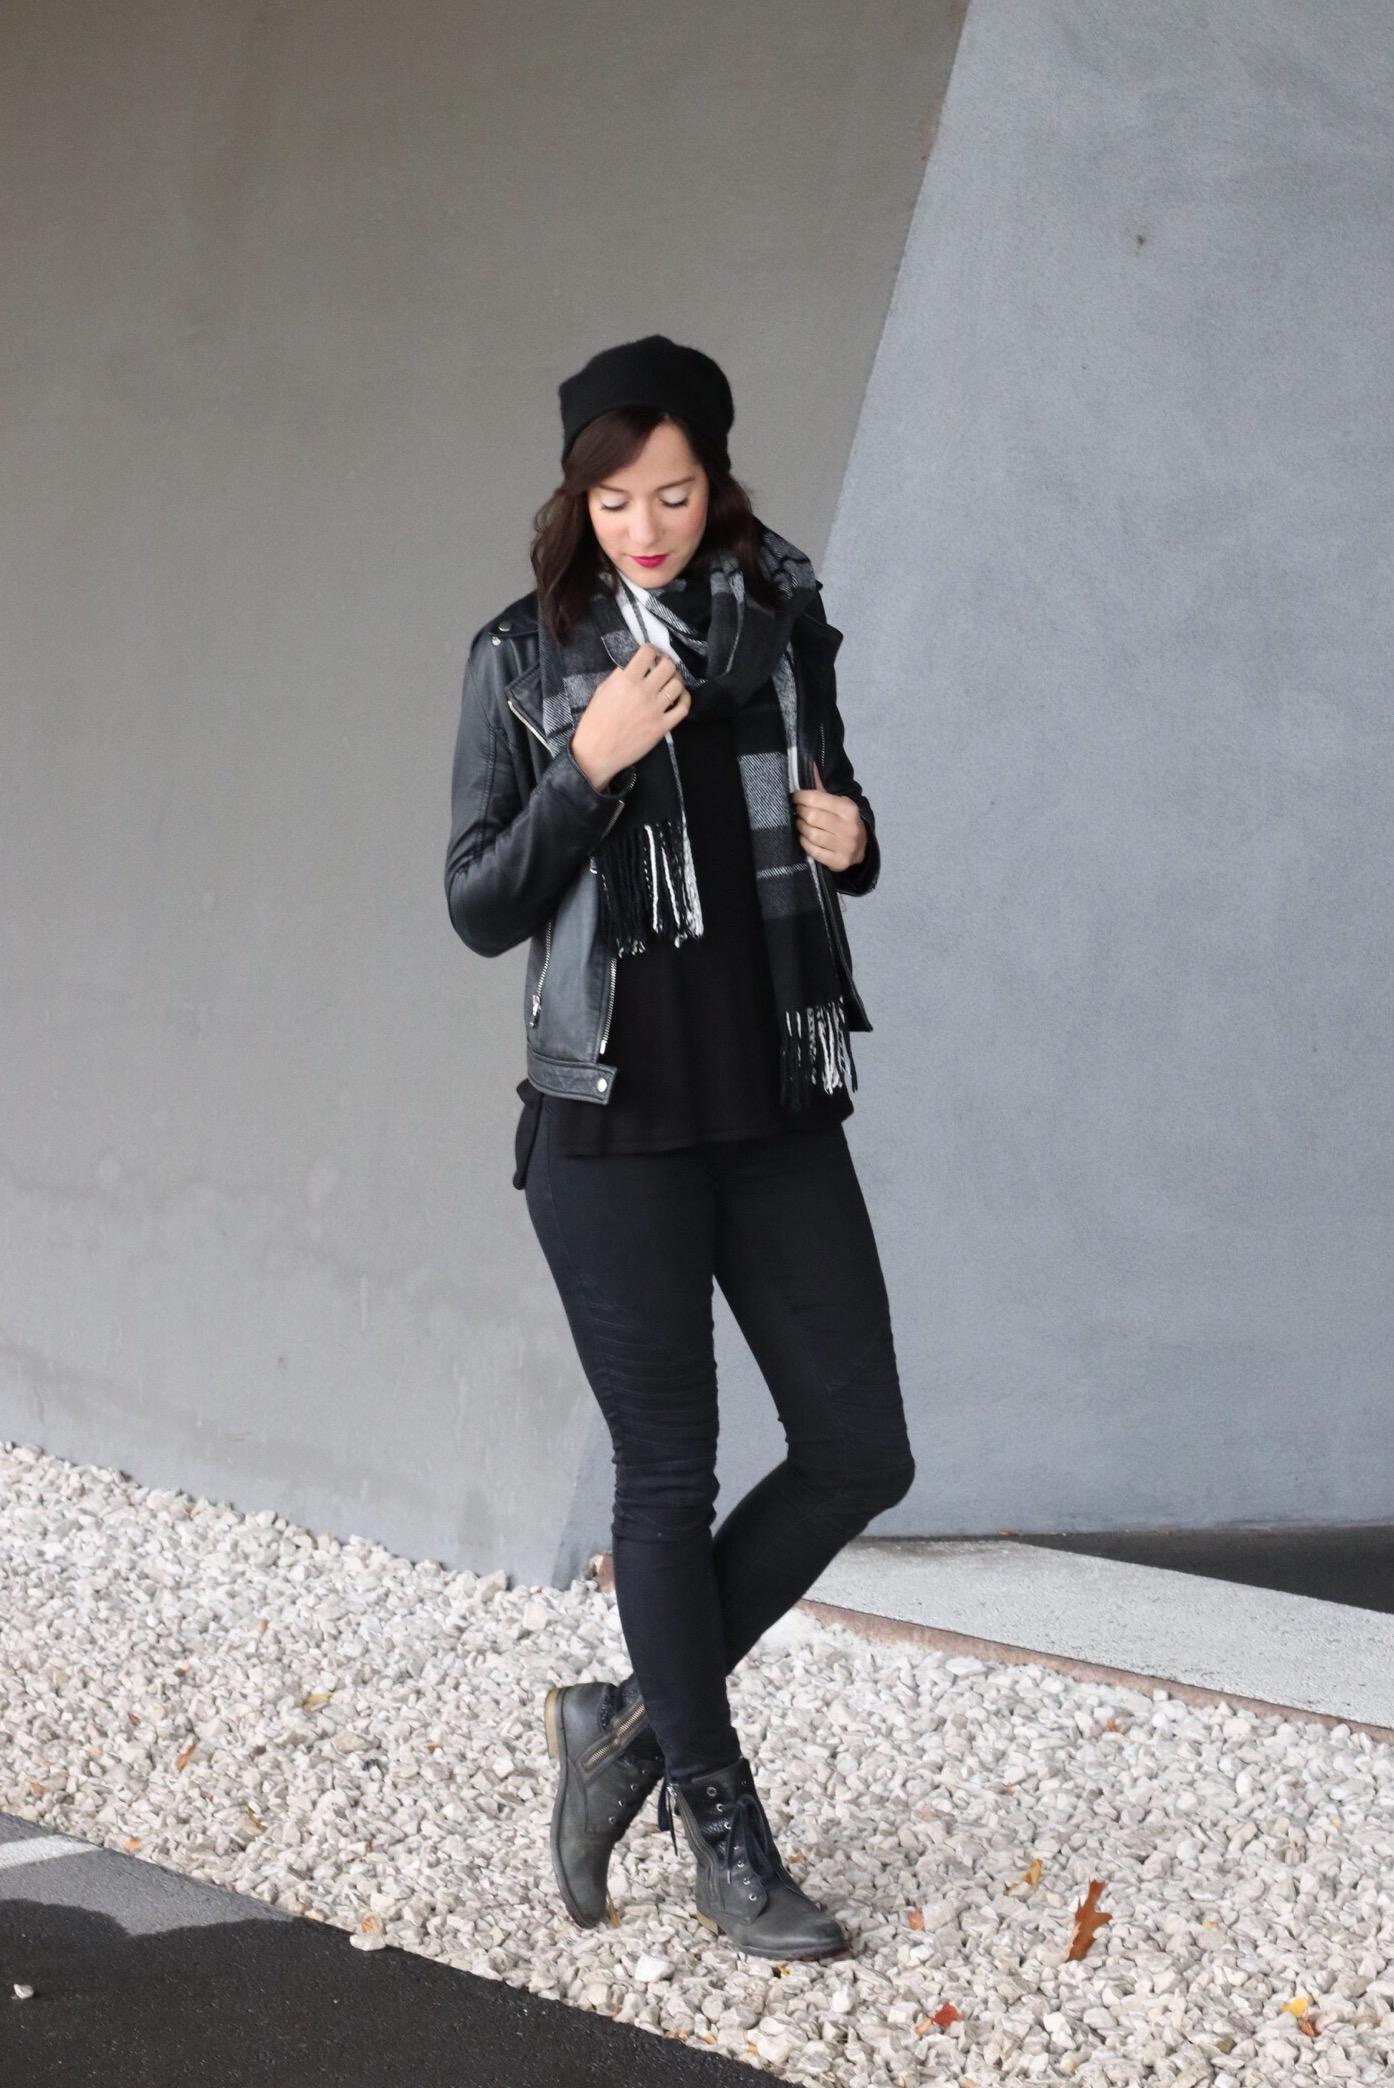 Berry Lips Süchtig nach Lifestyleblog Linz